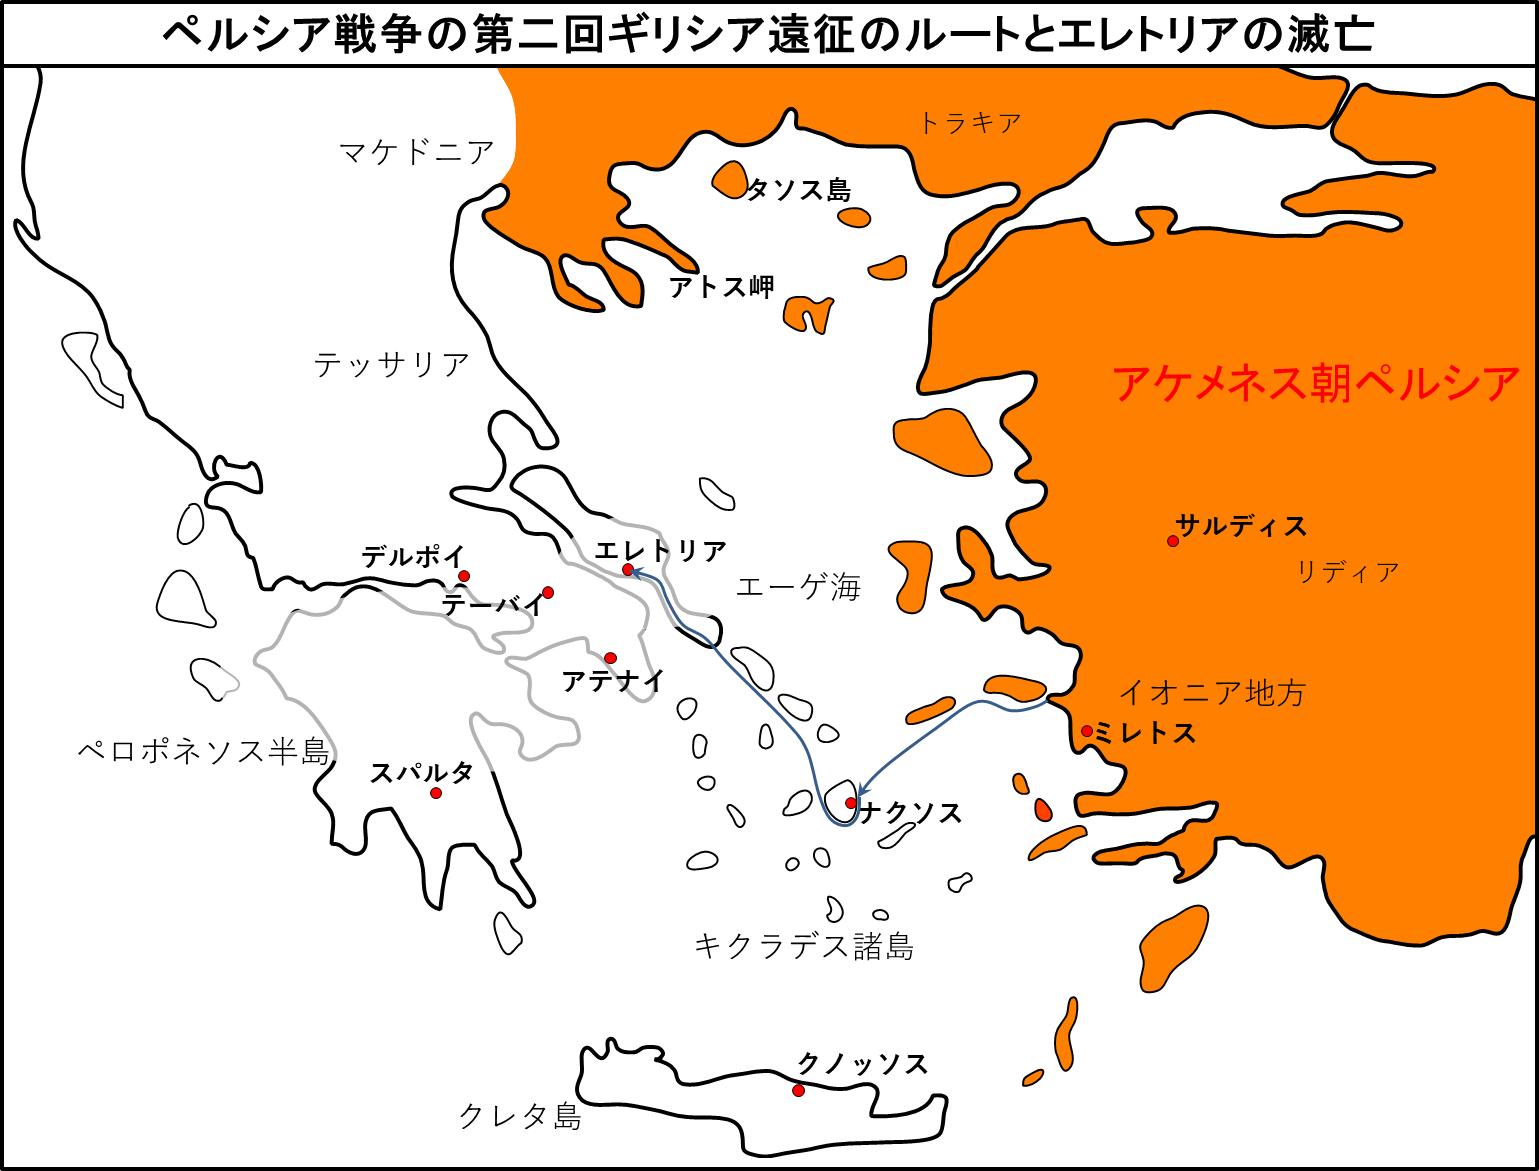 ペルシア戦争の第二回ギリシア遠征のルートとエトルリアの滅亡